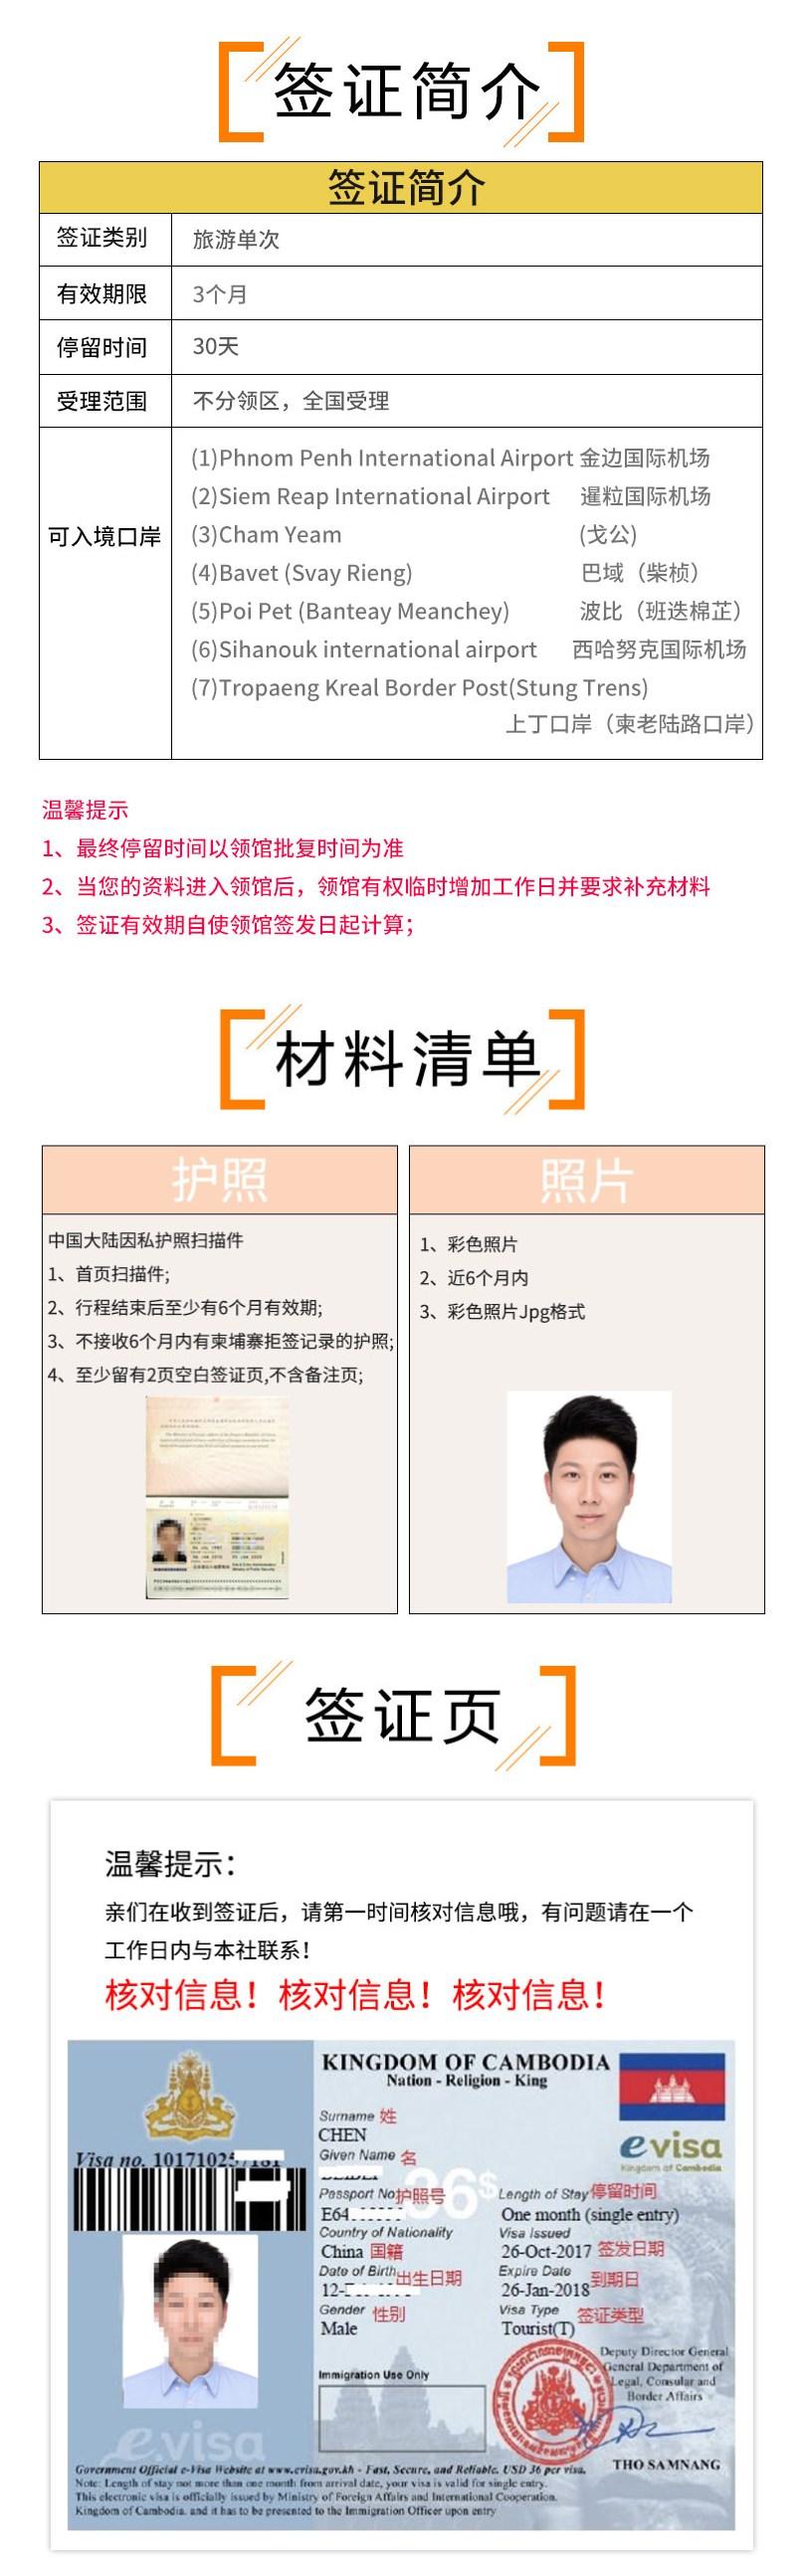 柬埔寨签证材料.jpg